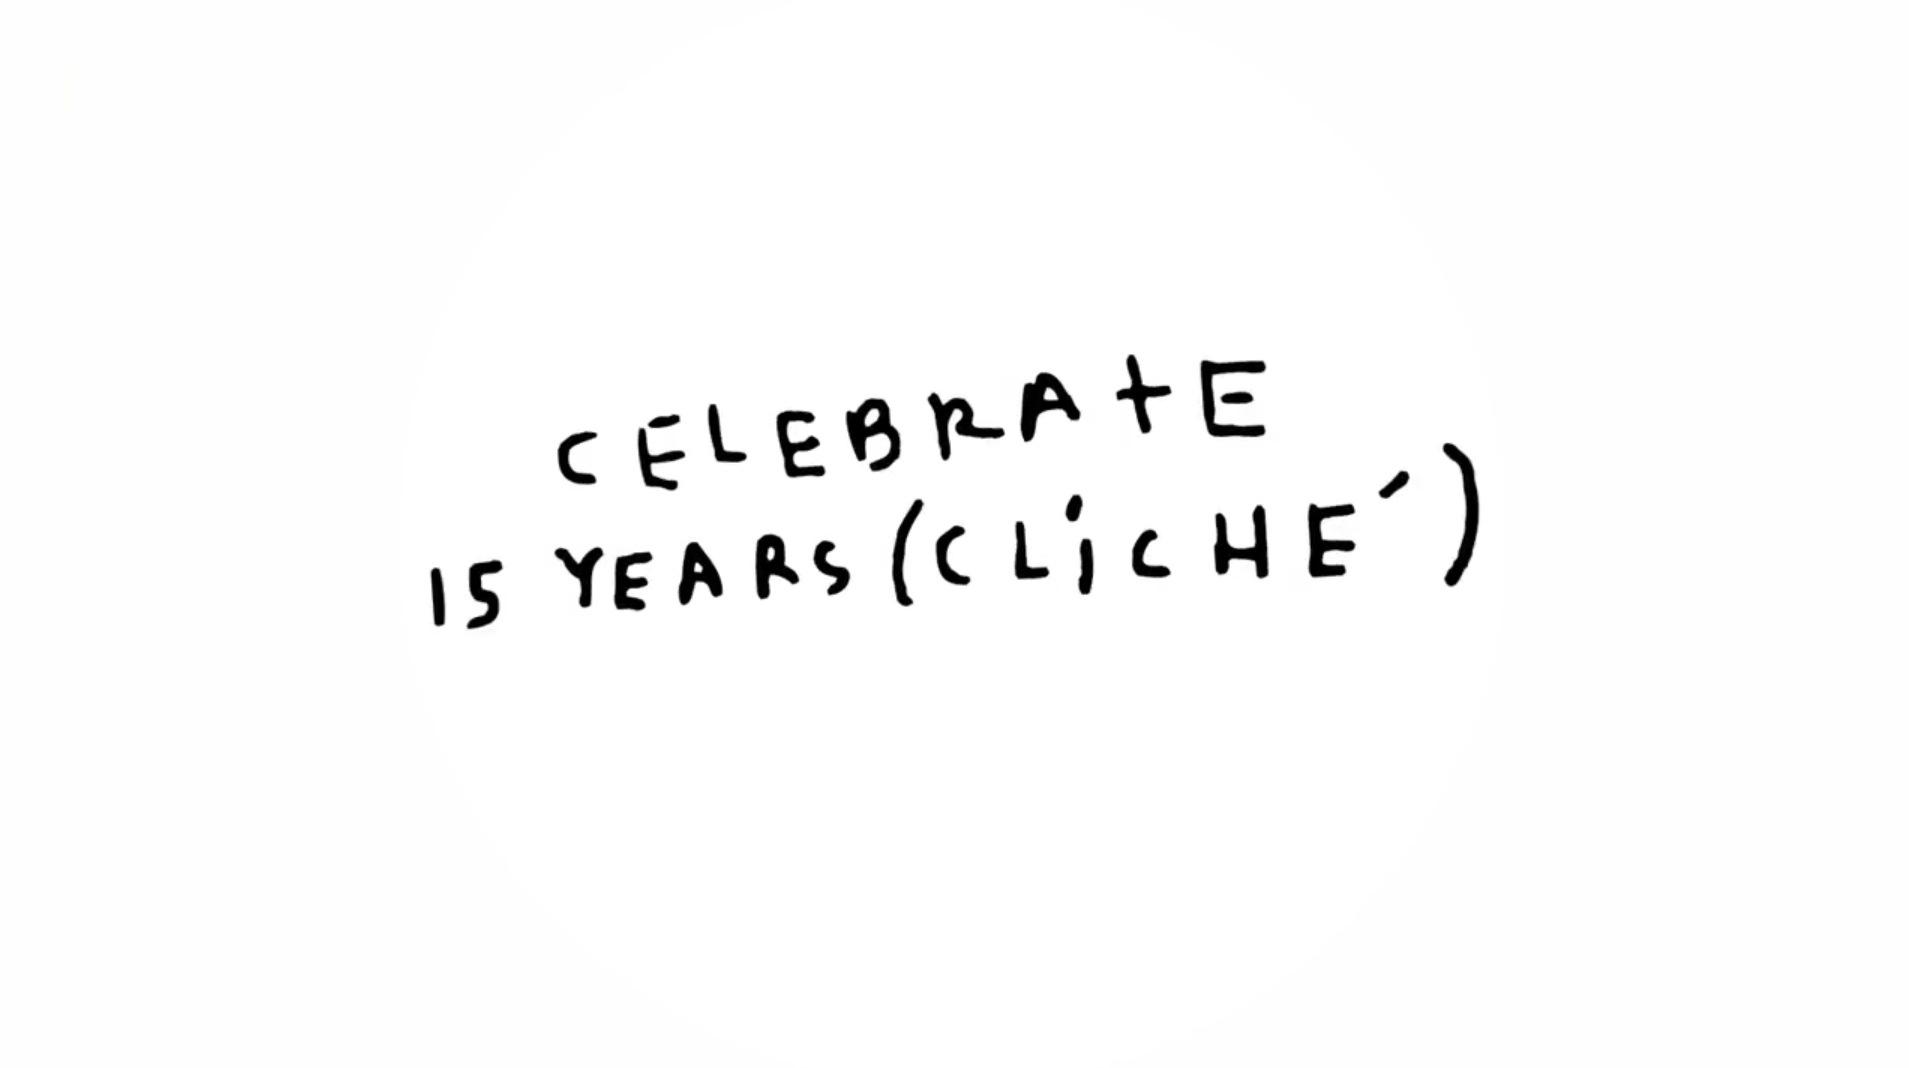 cliché 15 ans